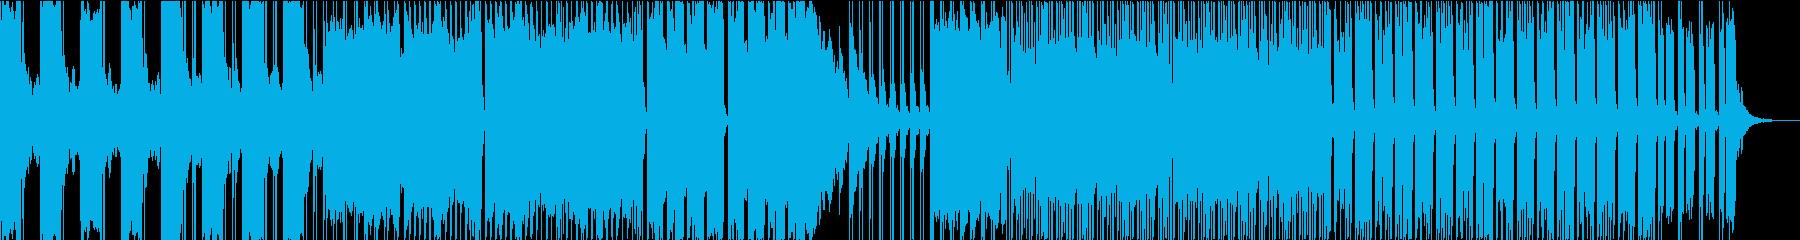 ダークで心臓音を使ったエレクトロの再生済みの波形